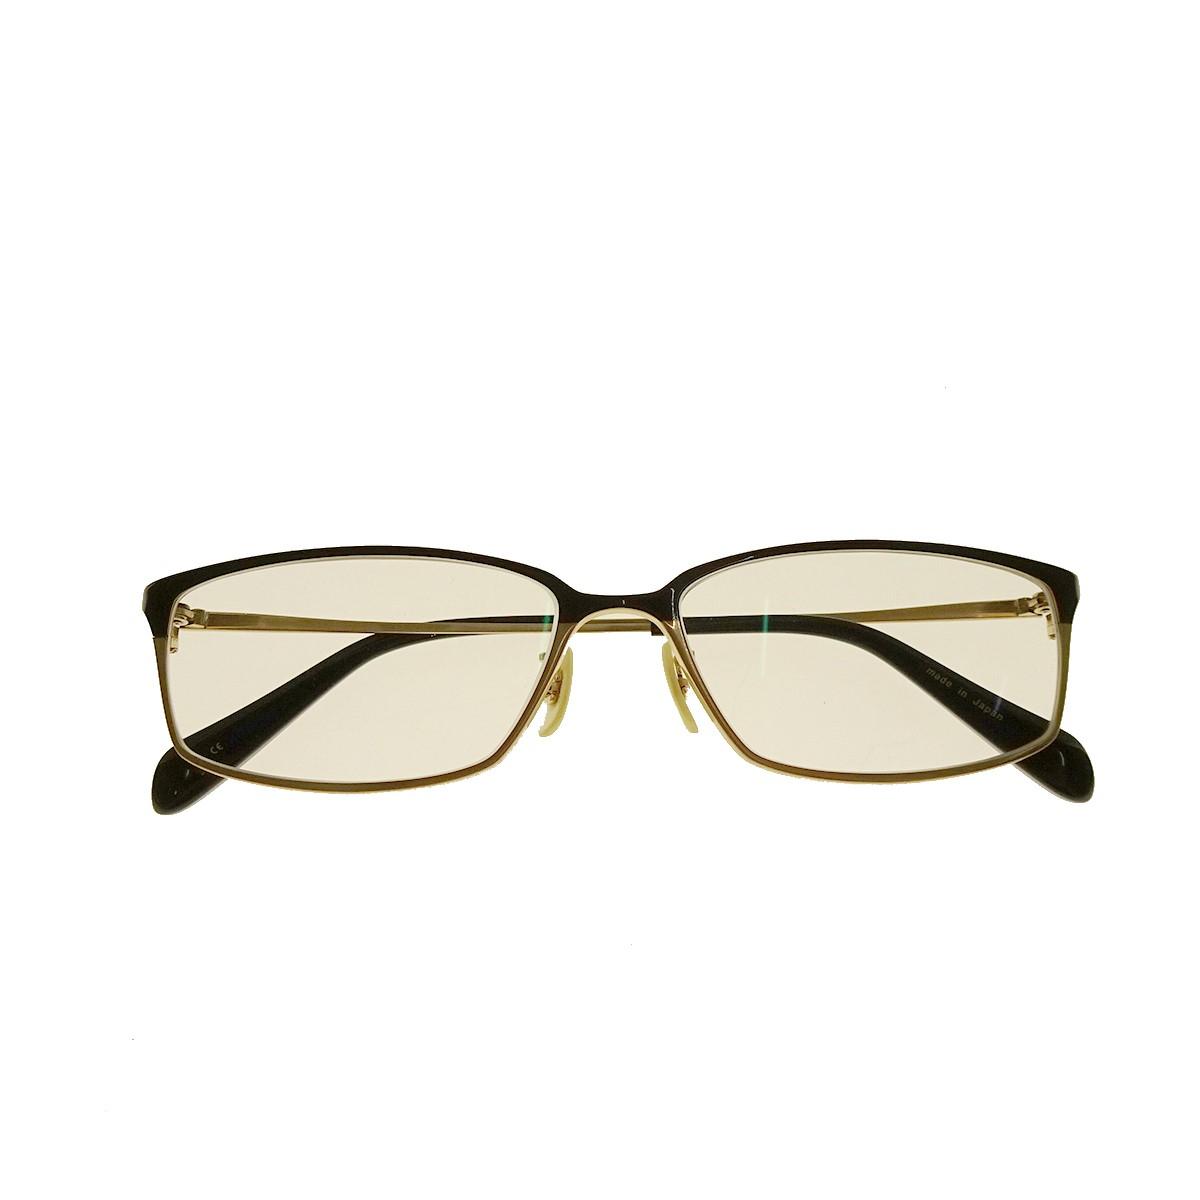 【中古】OLIVER PEOPLES Westmore スクエアフレーム眼鏡 ブラック×ゴールド サイズ:54□15-140 【260820】(オリバーピープルズ)